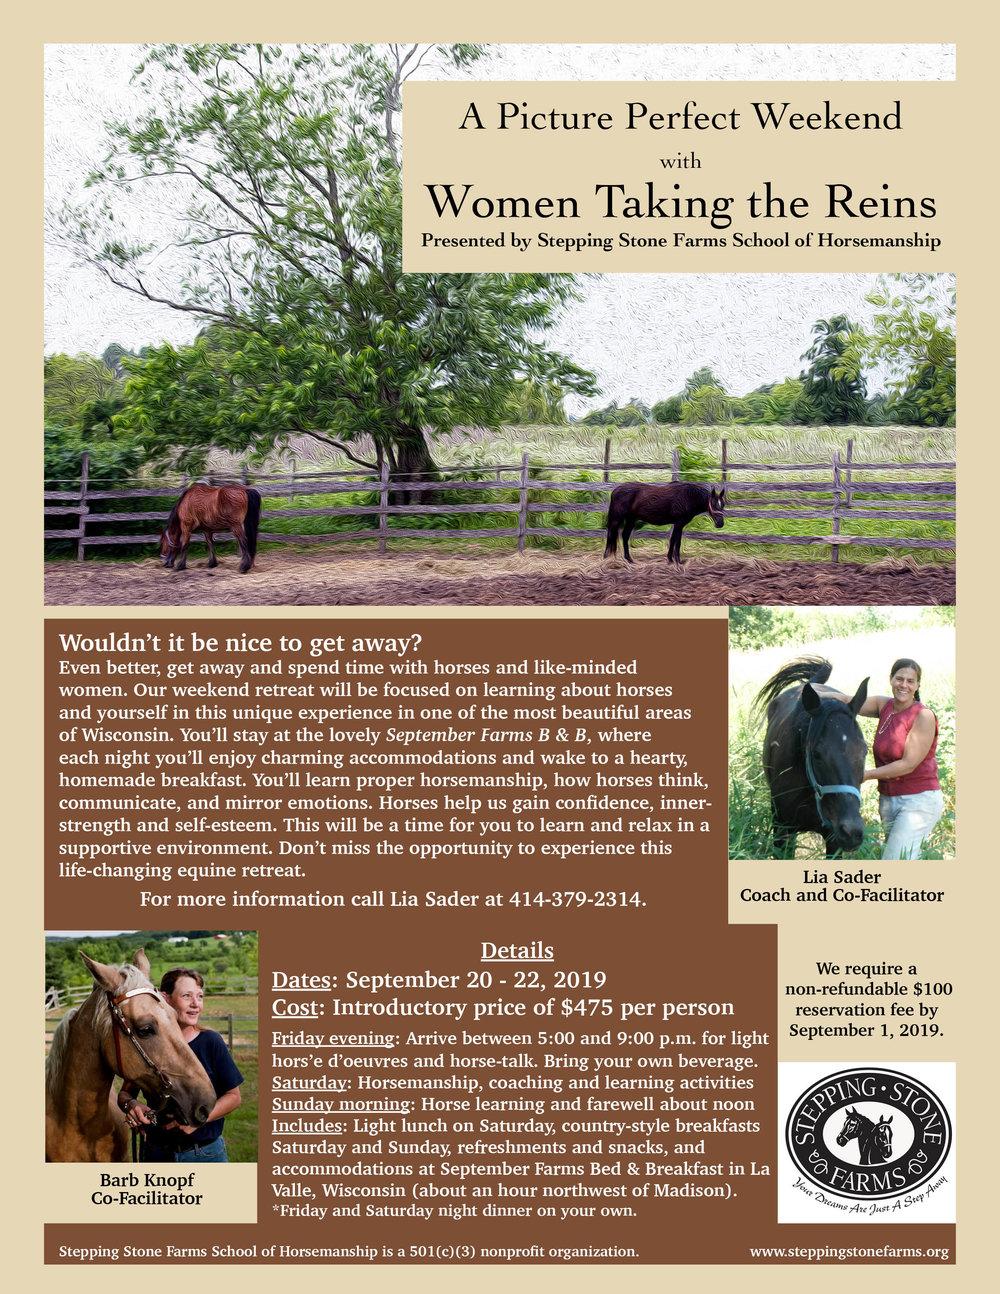 Women Taking the Reins Retreat Flyer